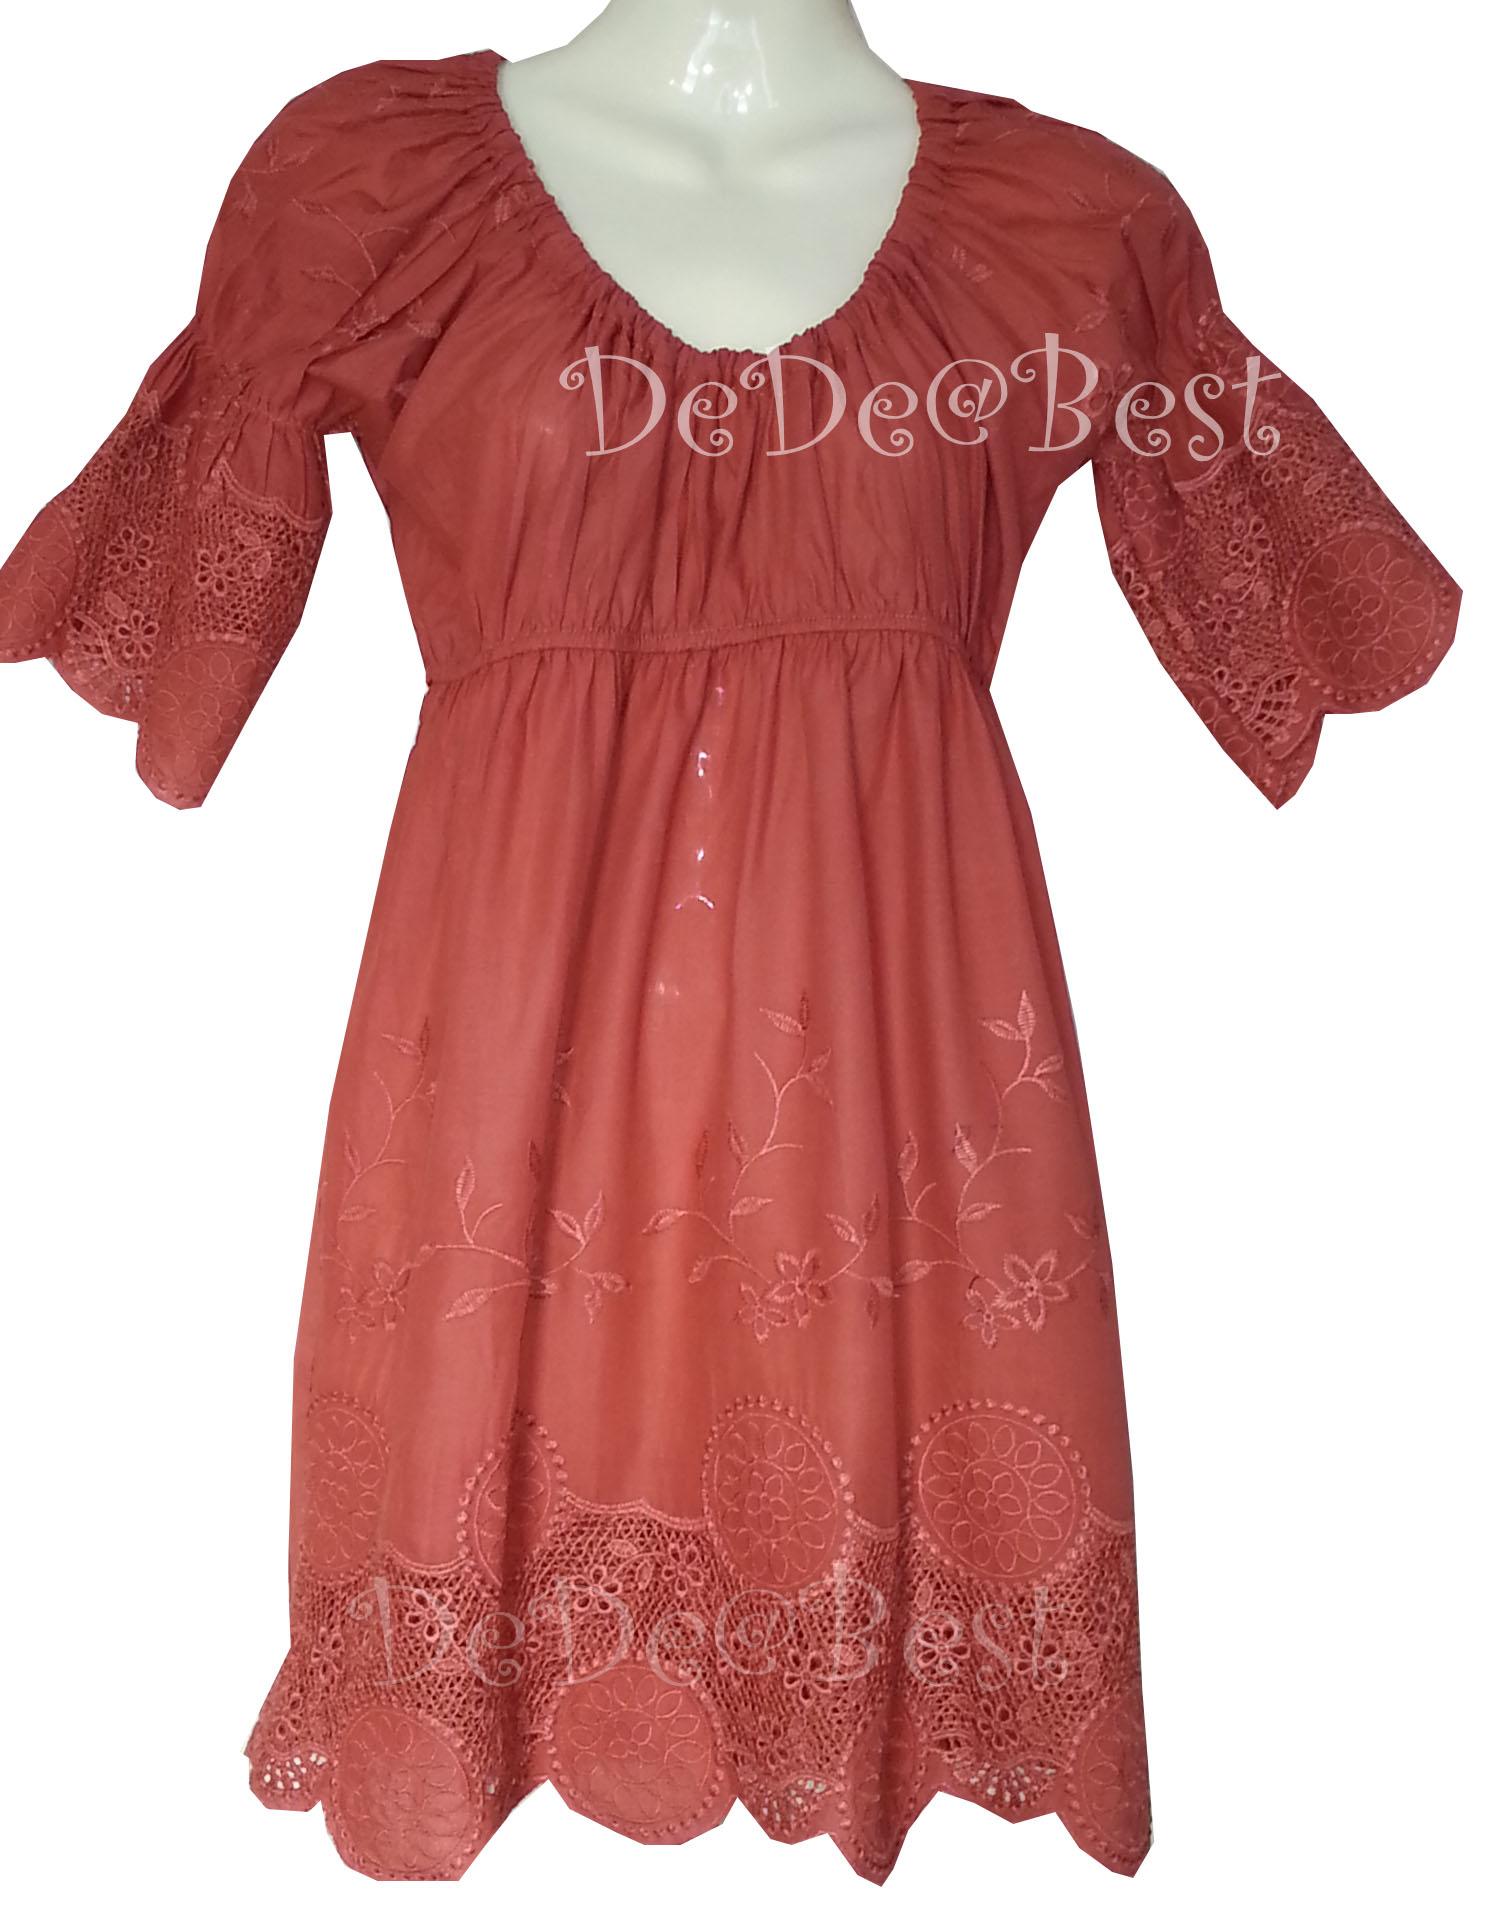 ขายแล้วค่ะ T72:First-hand top เสื้อแนววินเทจฉลุลายดอกไม้สวยมาก:สินค้าใหม่ป้ายห้อย!&#x2764